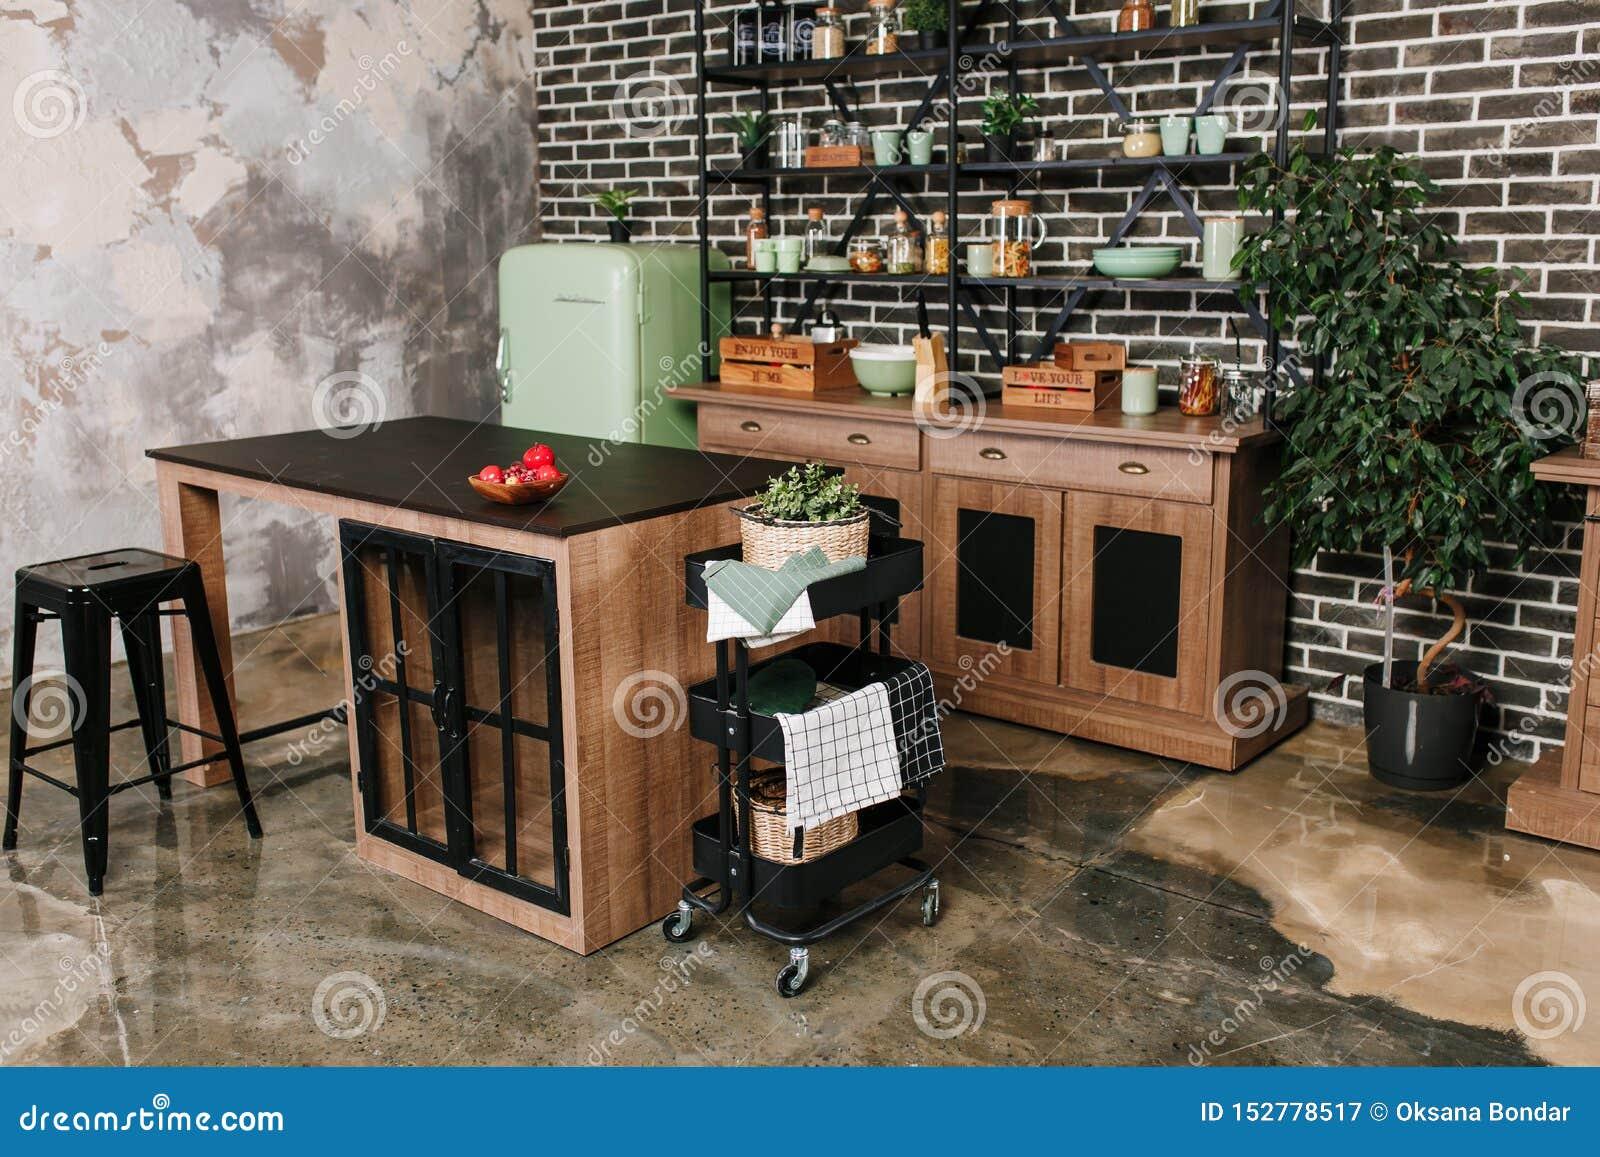 O espaço para refeições no estilo industrial com tabela, cadeiras e refrigerador retro da hortelã Fundo preto da parede de tijolo